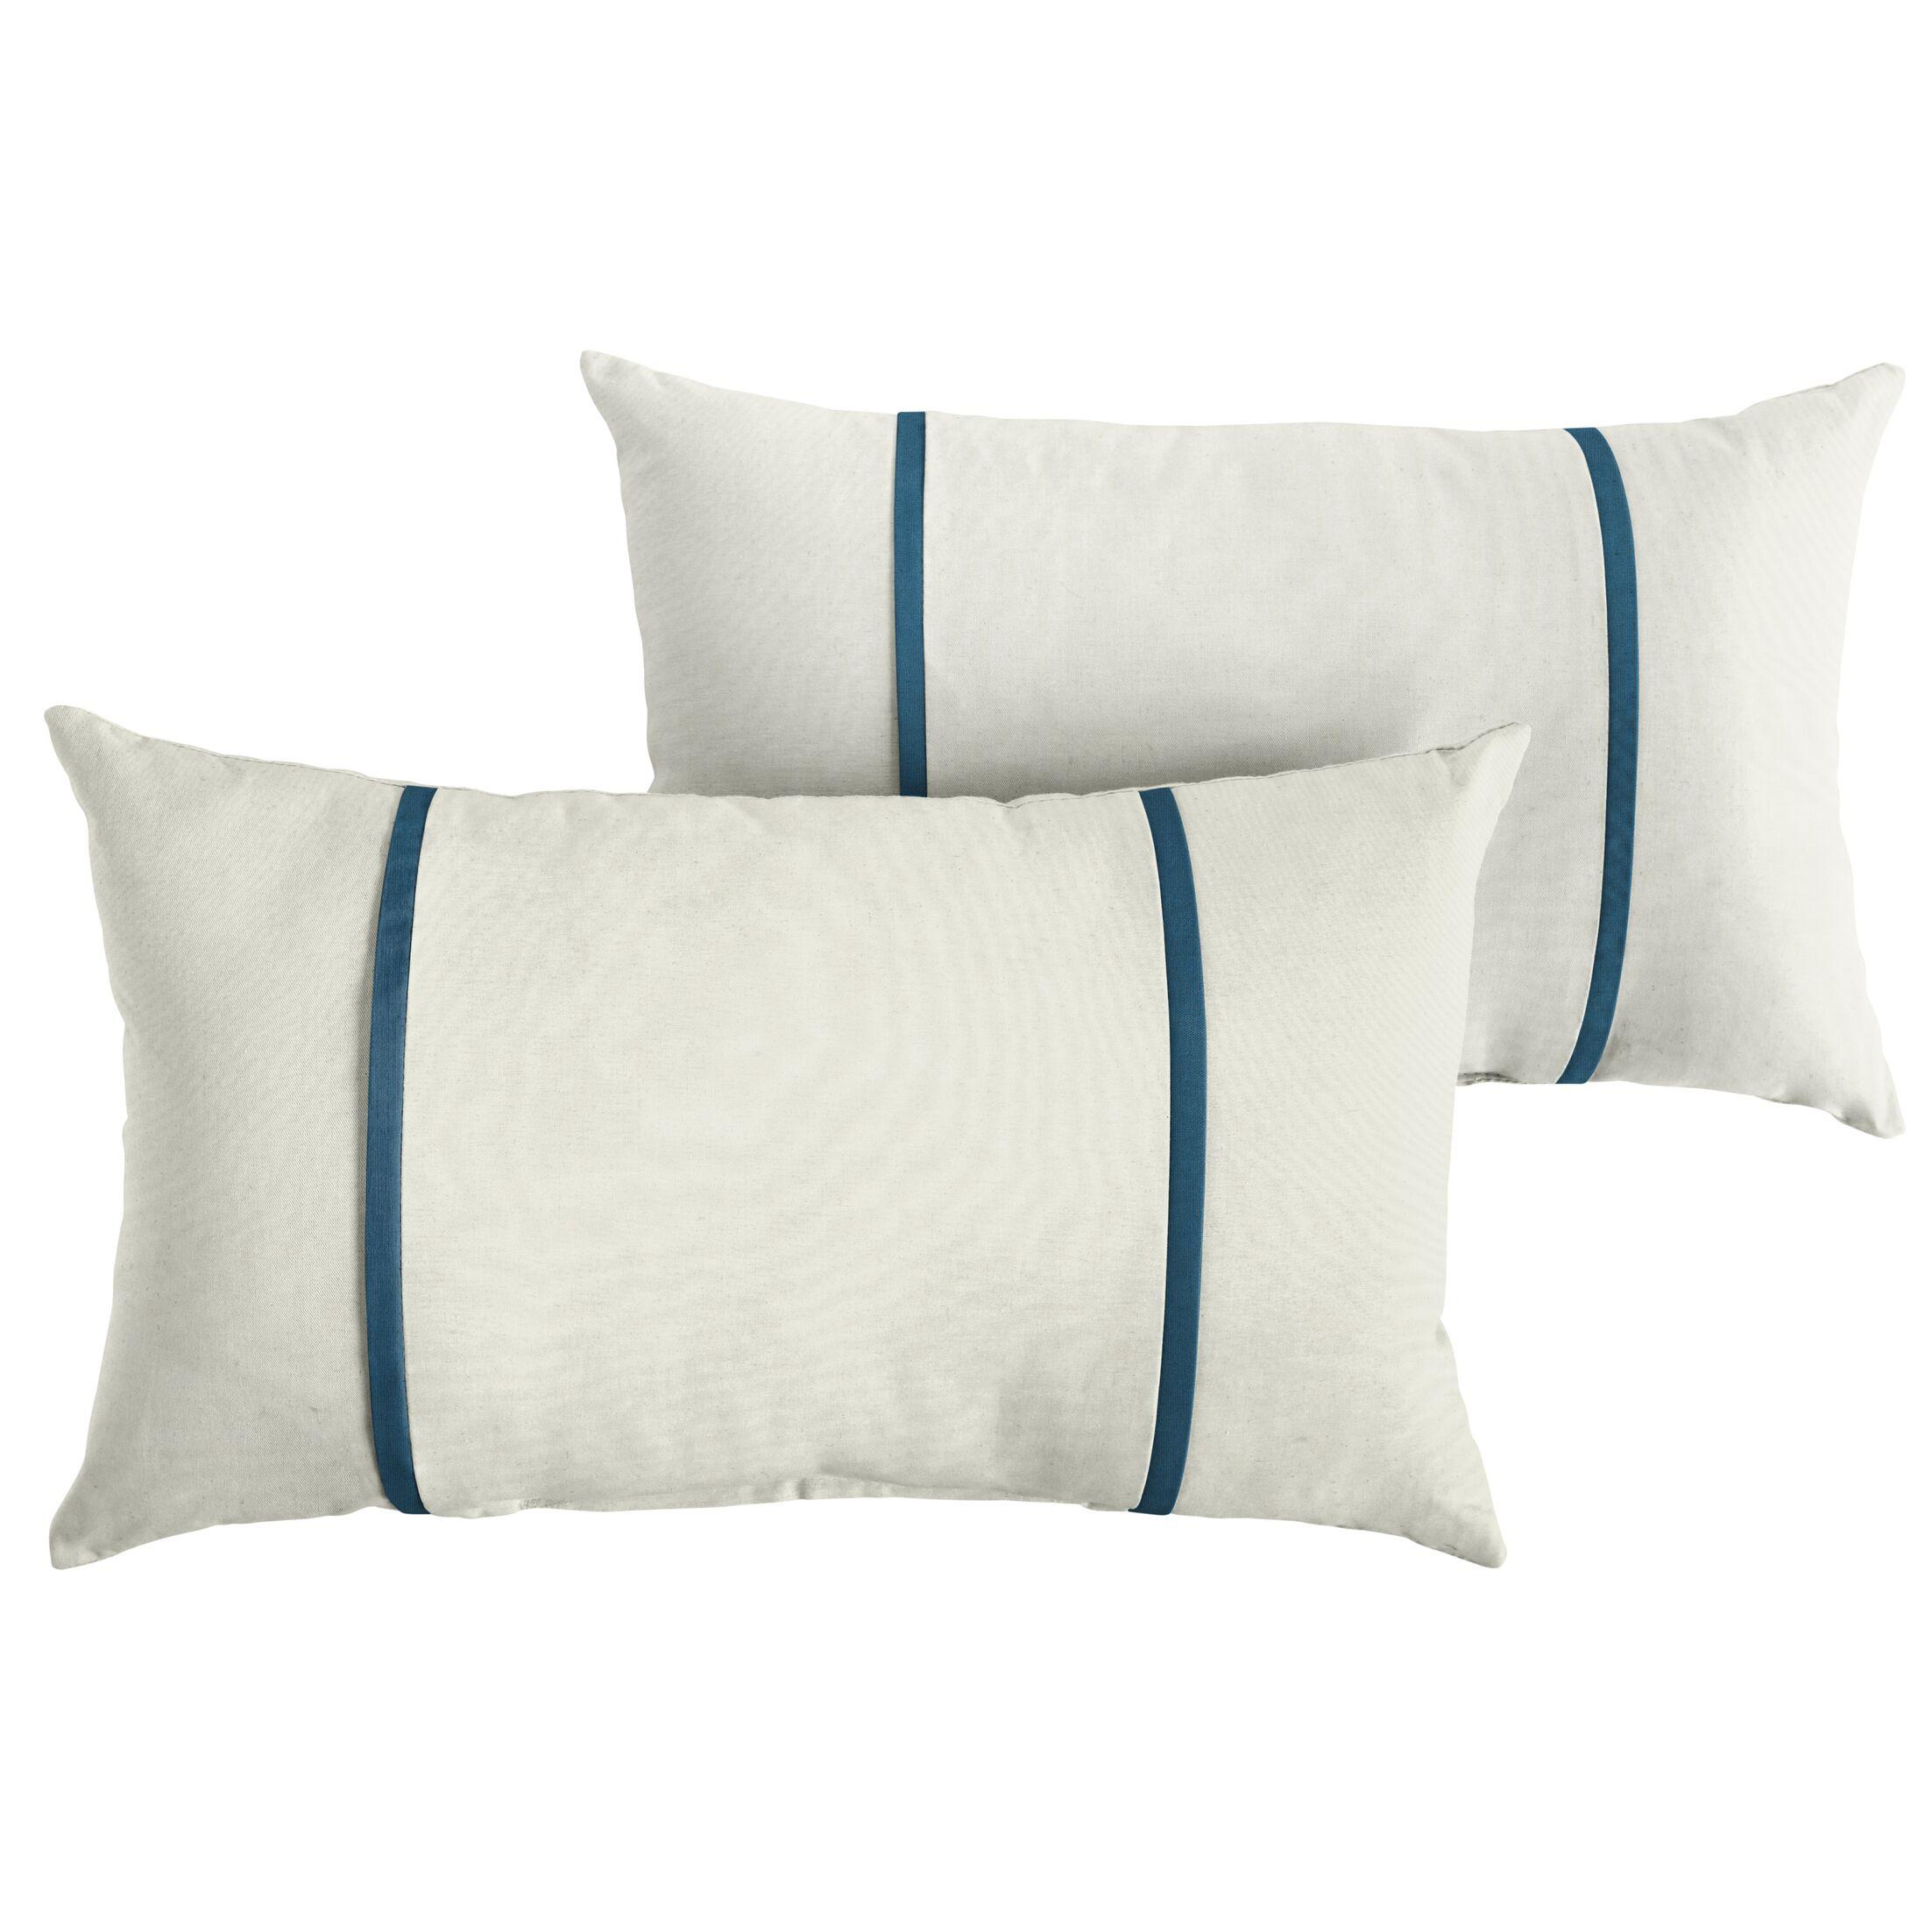 Claar Indoor/Outdoor Sunbrella Lumbar Pillow